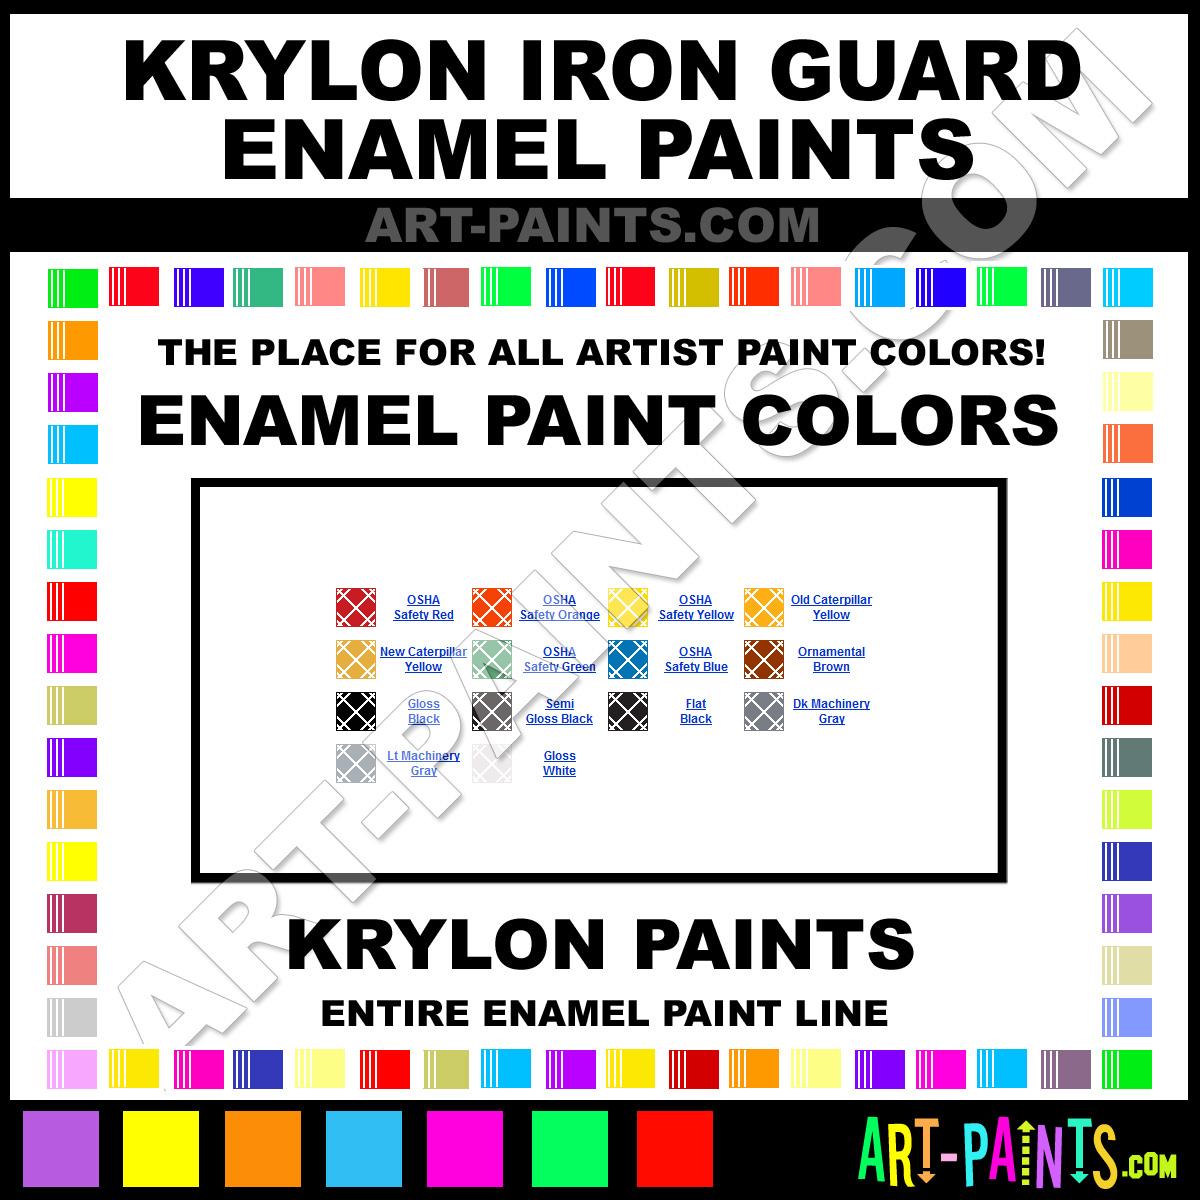 Krylon iron guard enamel paint colors krylon iron guard paint krylon iron guard enamels krylon iron guard paints geenschuldenfo Images